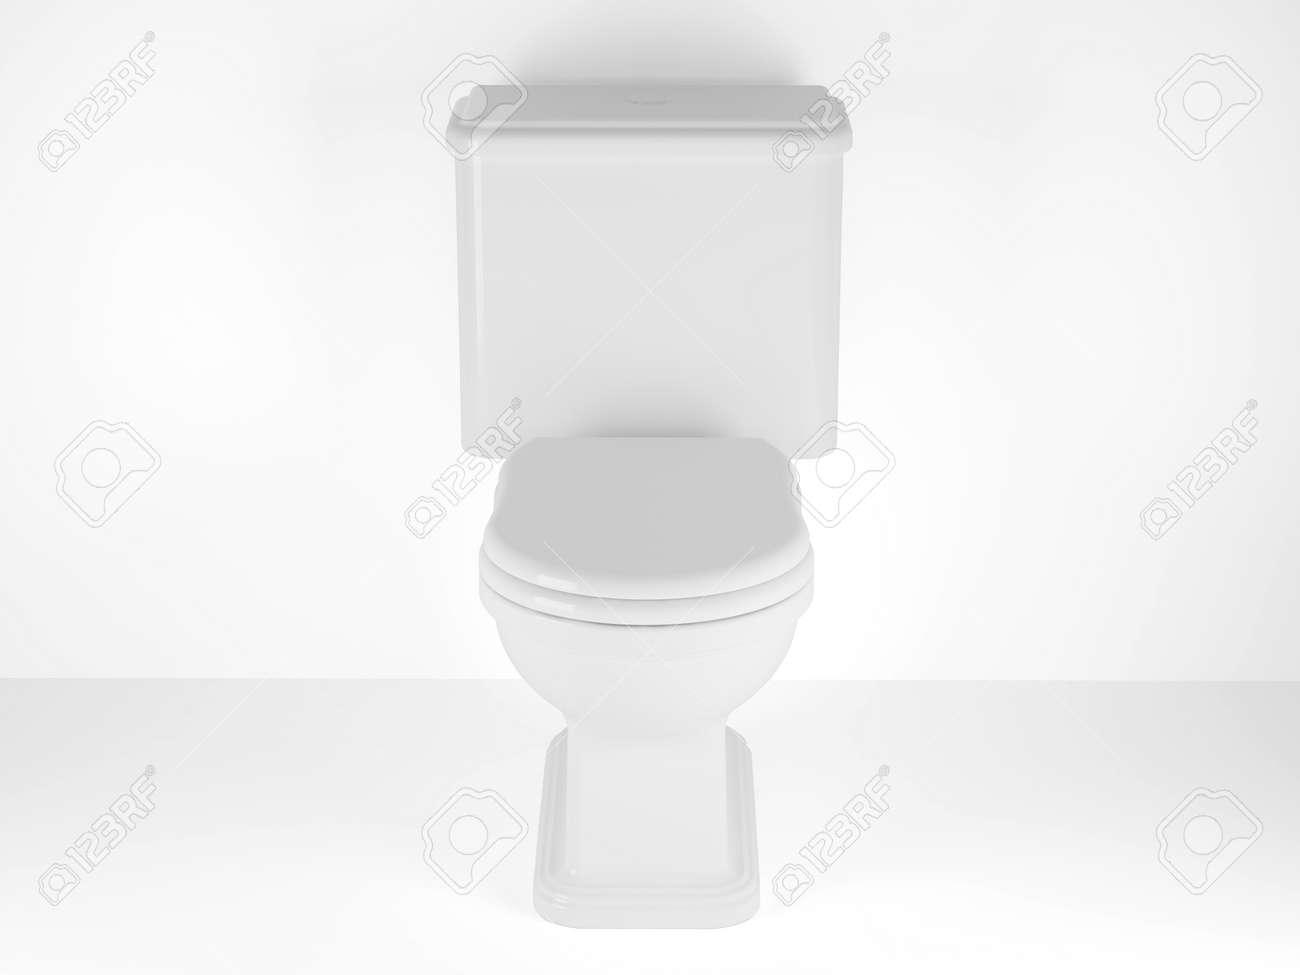 Imagen De Alta Resoluci N 3d Rindi La Ilustraci N Taza Del  ~ Como Limpiar El Fondo Del Inodoro